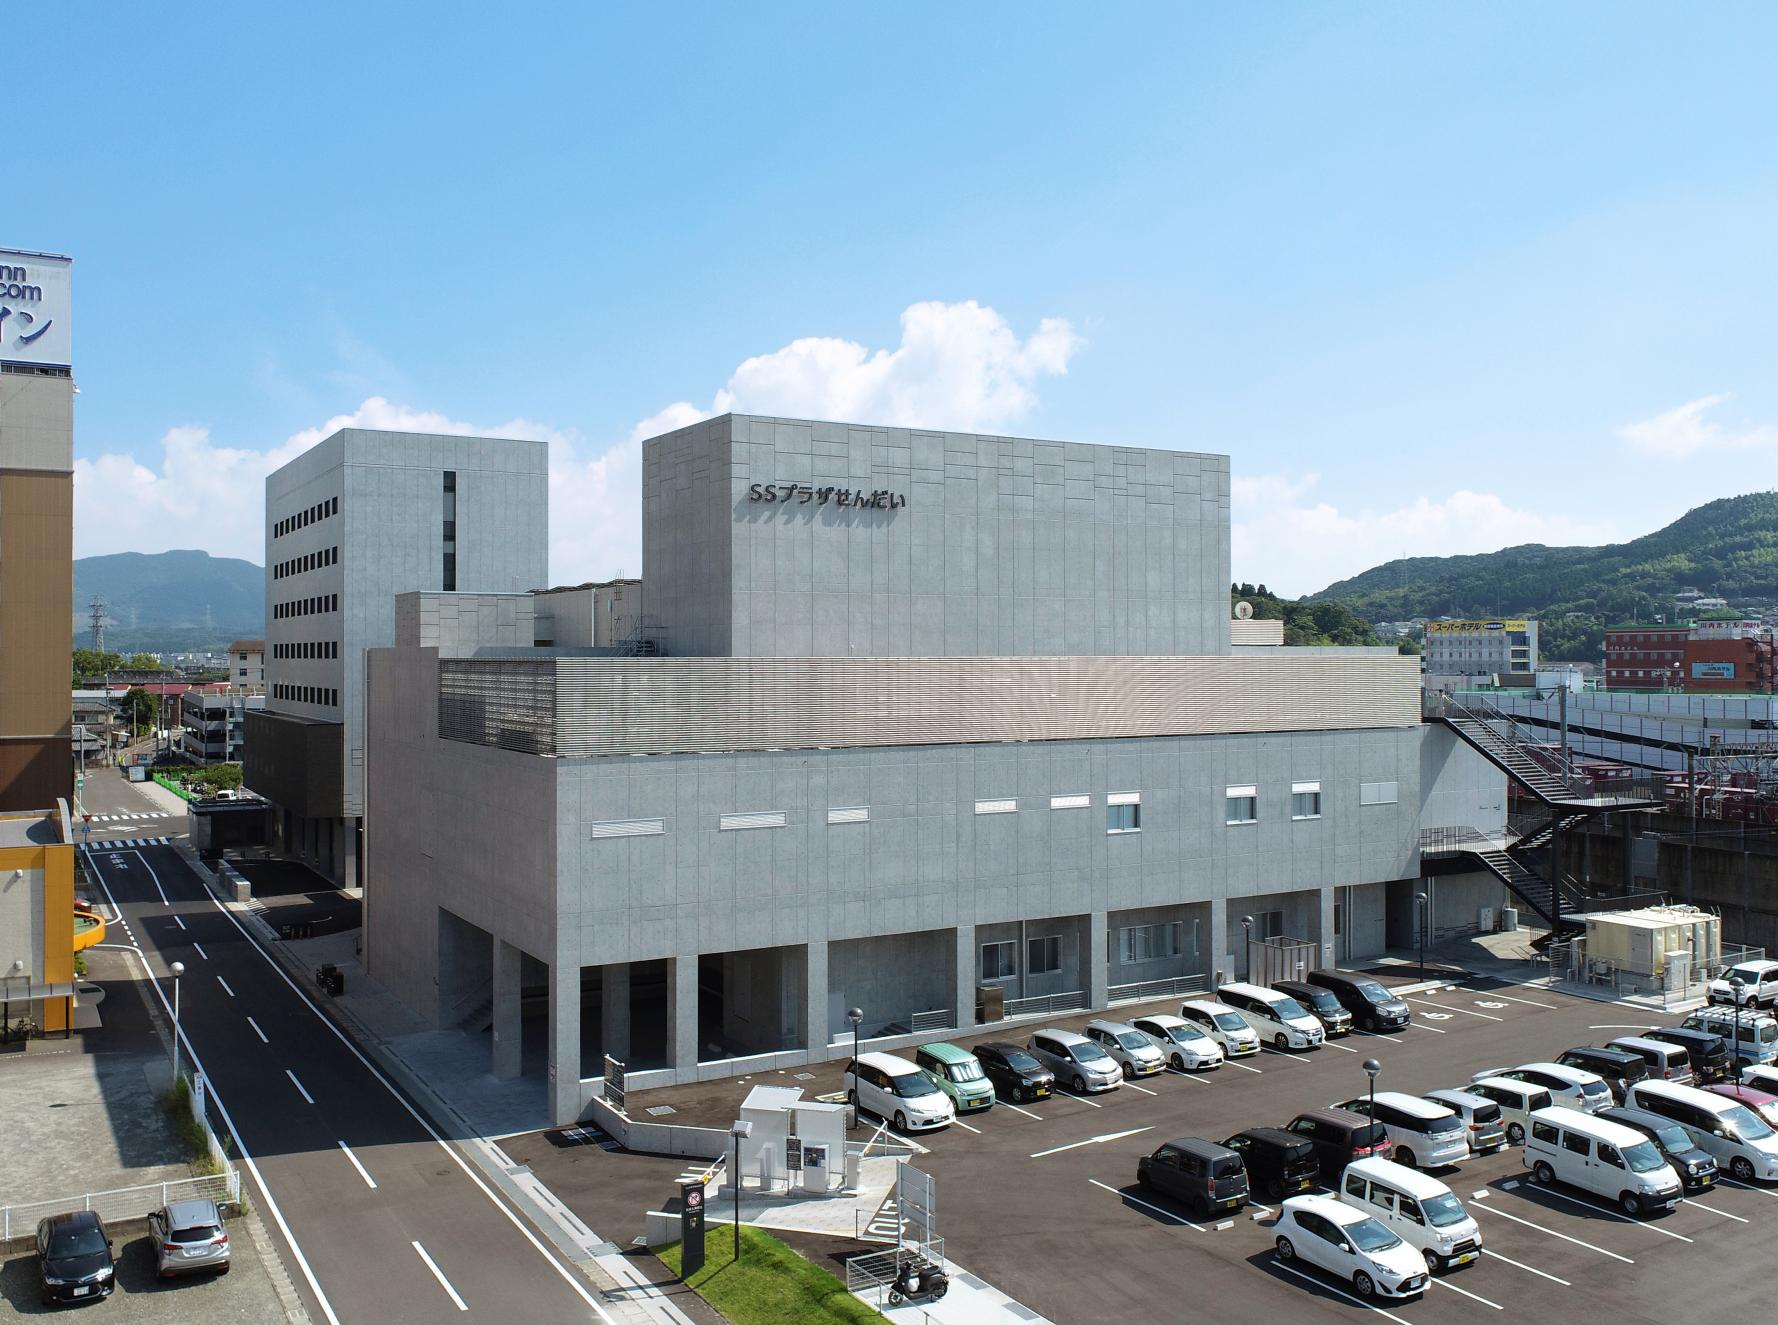 川内駅コンベンションセンター(SSプラザせんだい)-1